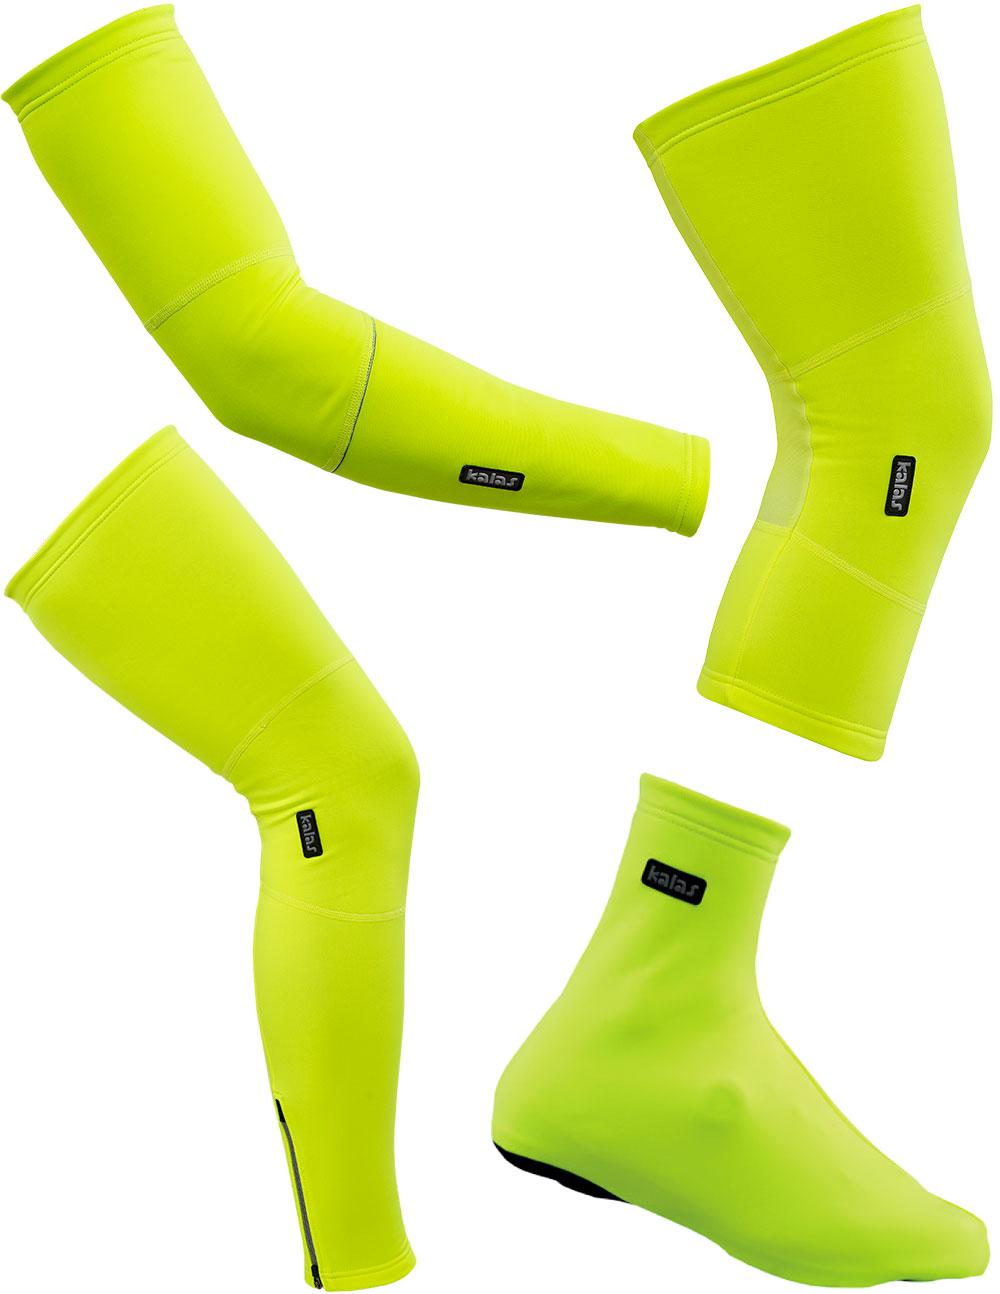 En TodoMountainBike: Colores de alta visibilidad para la colección RainMem Fluoro de Kalas Sportswear